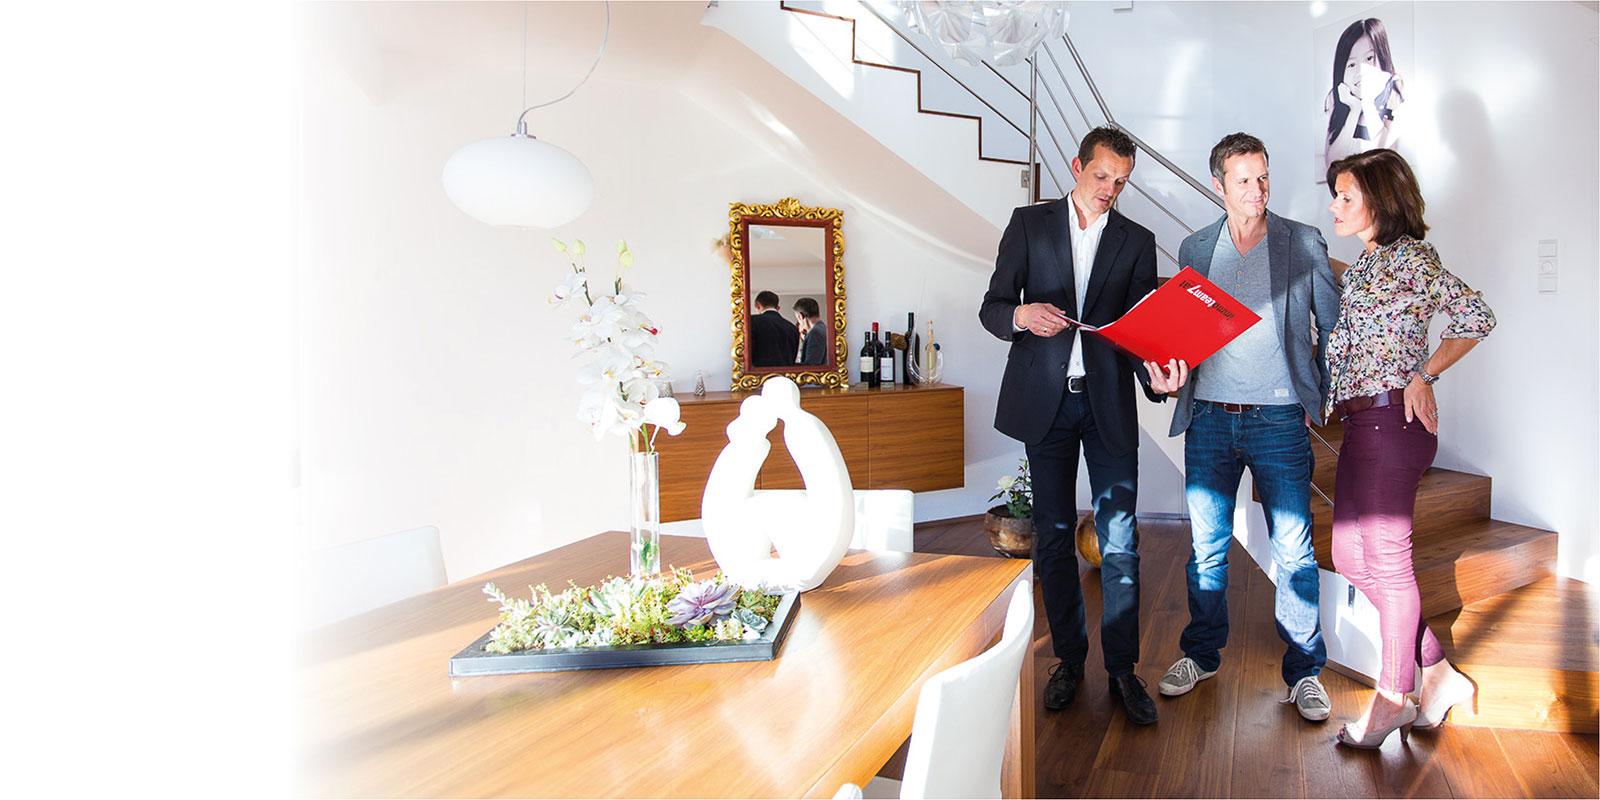 Verkauf Immobilien Vorarlberg